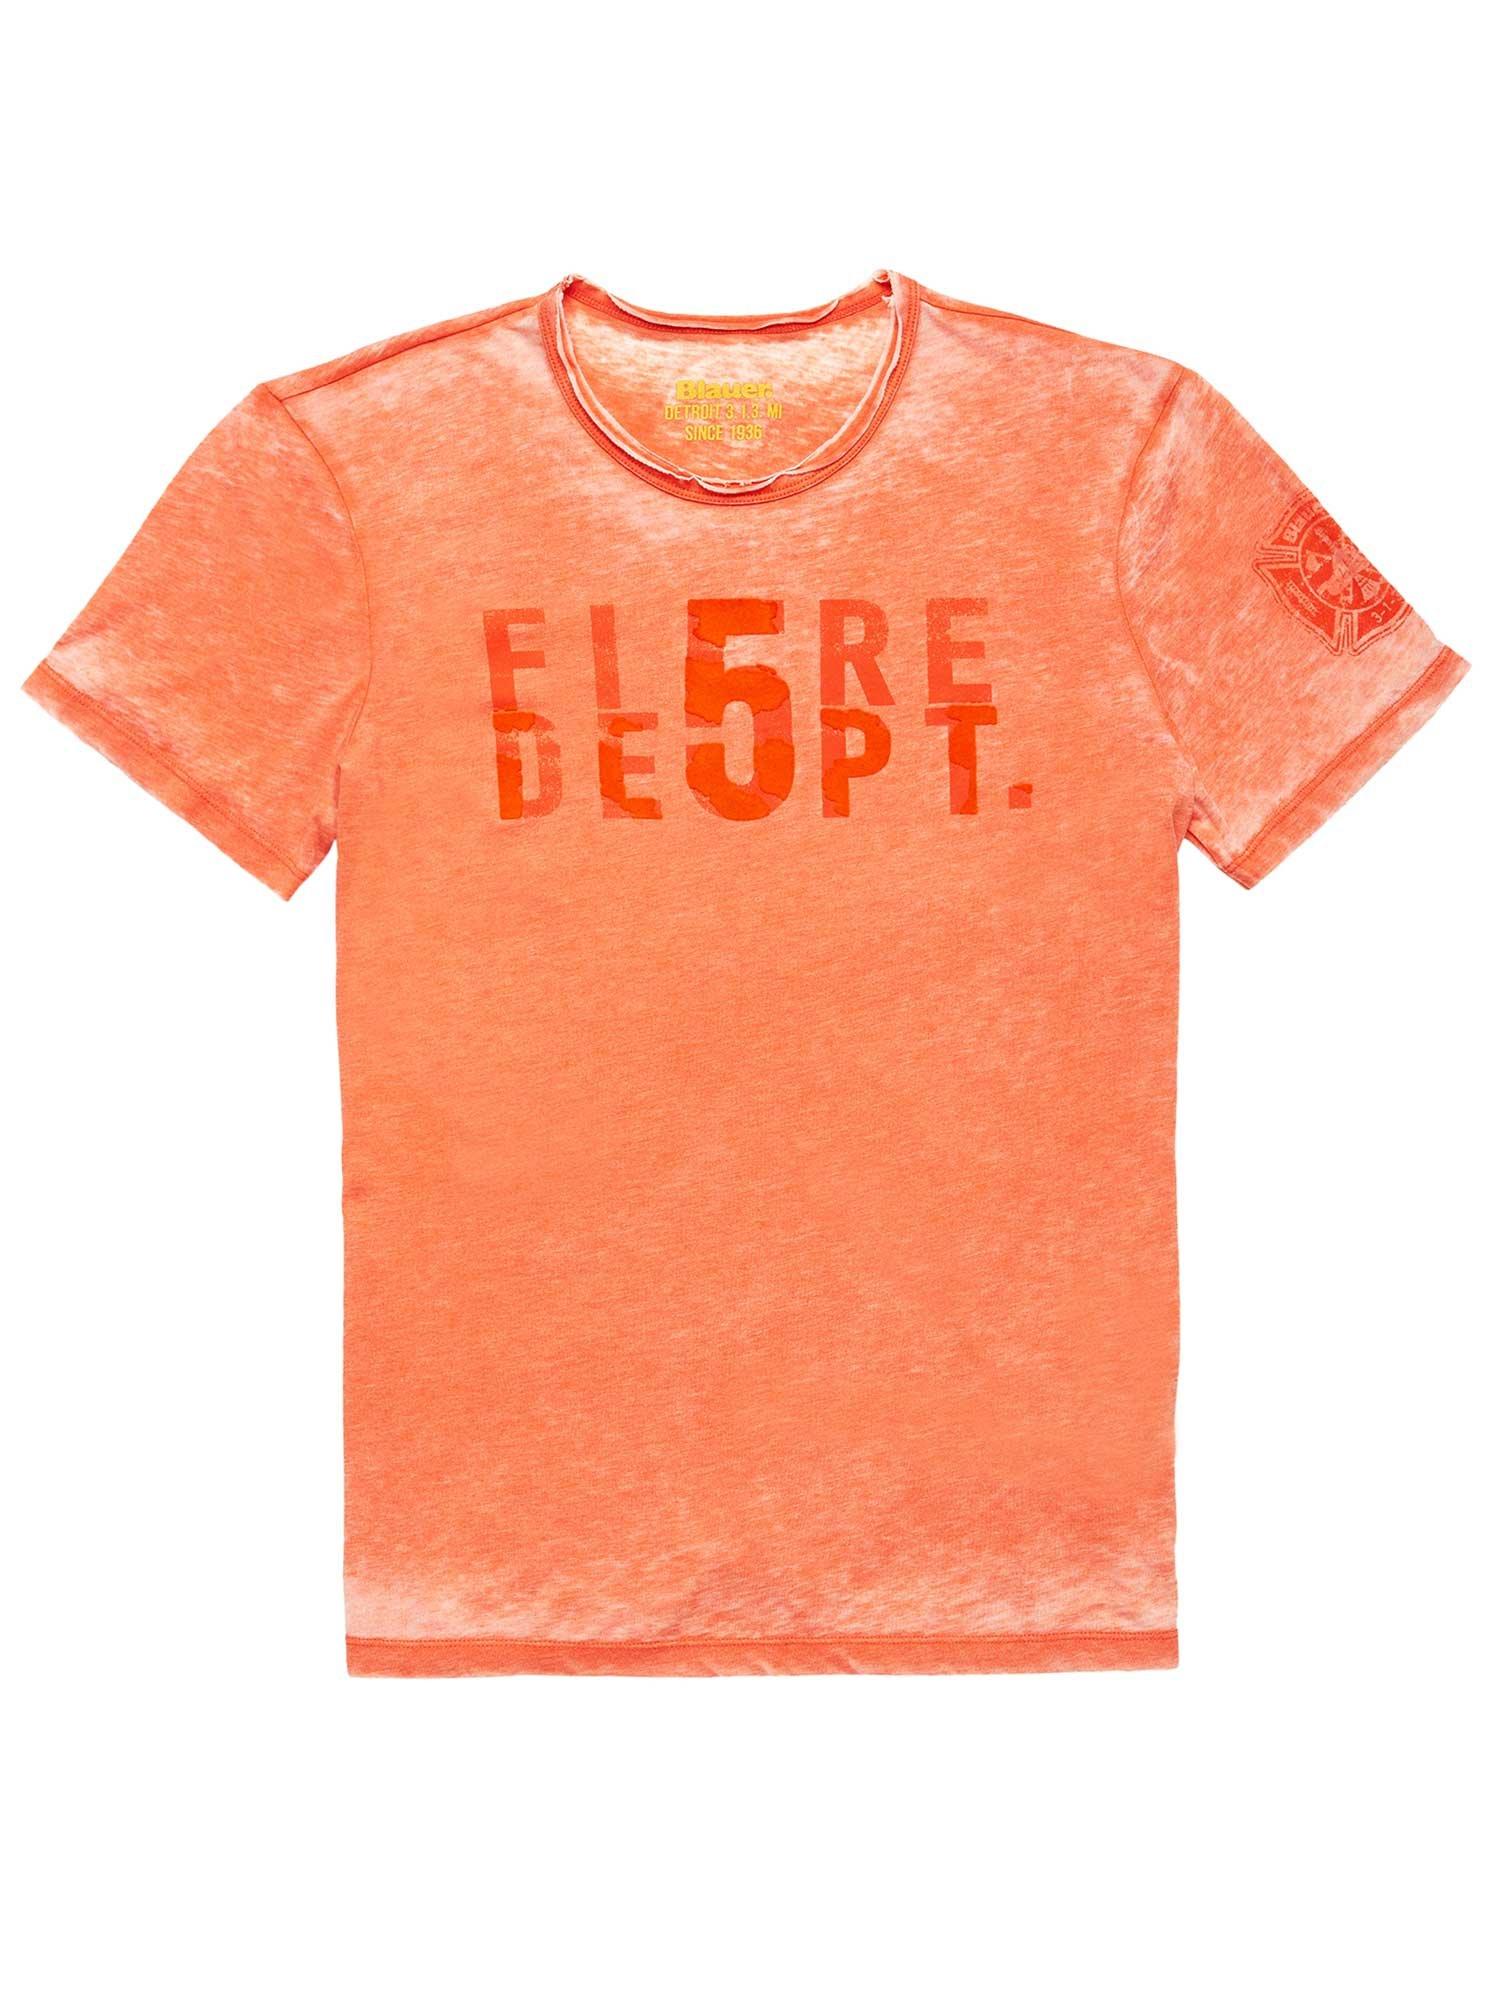 Blauer - T-SHIRT FIRE 5 DEPT. - Mandarin - Blauer